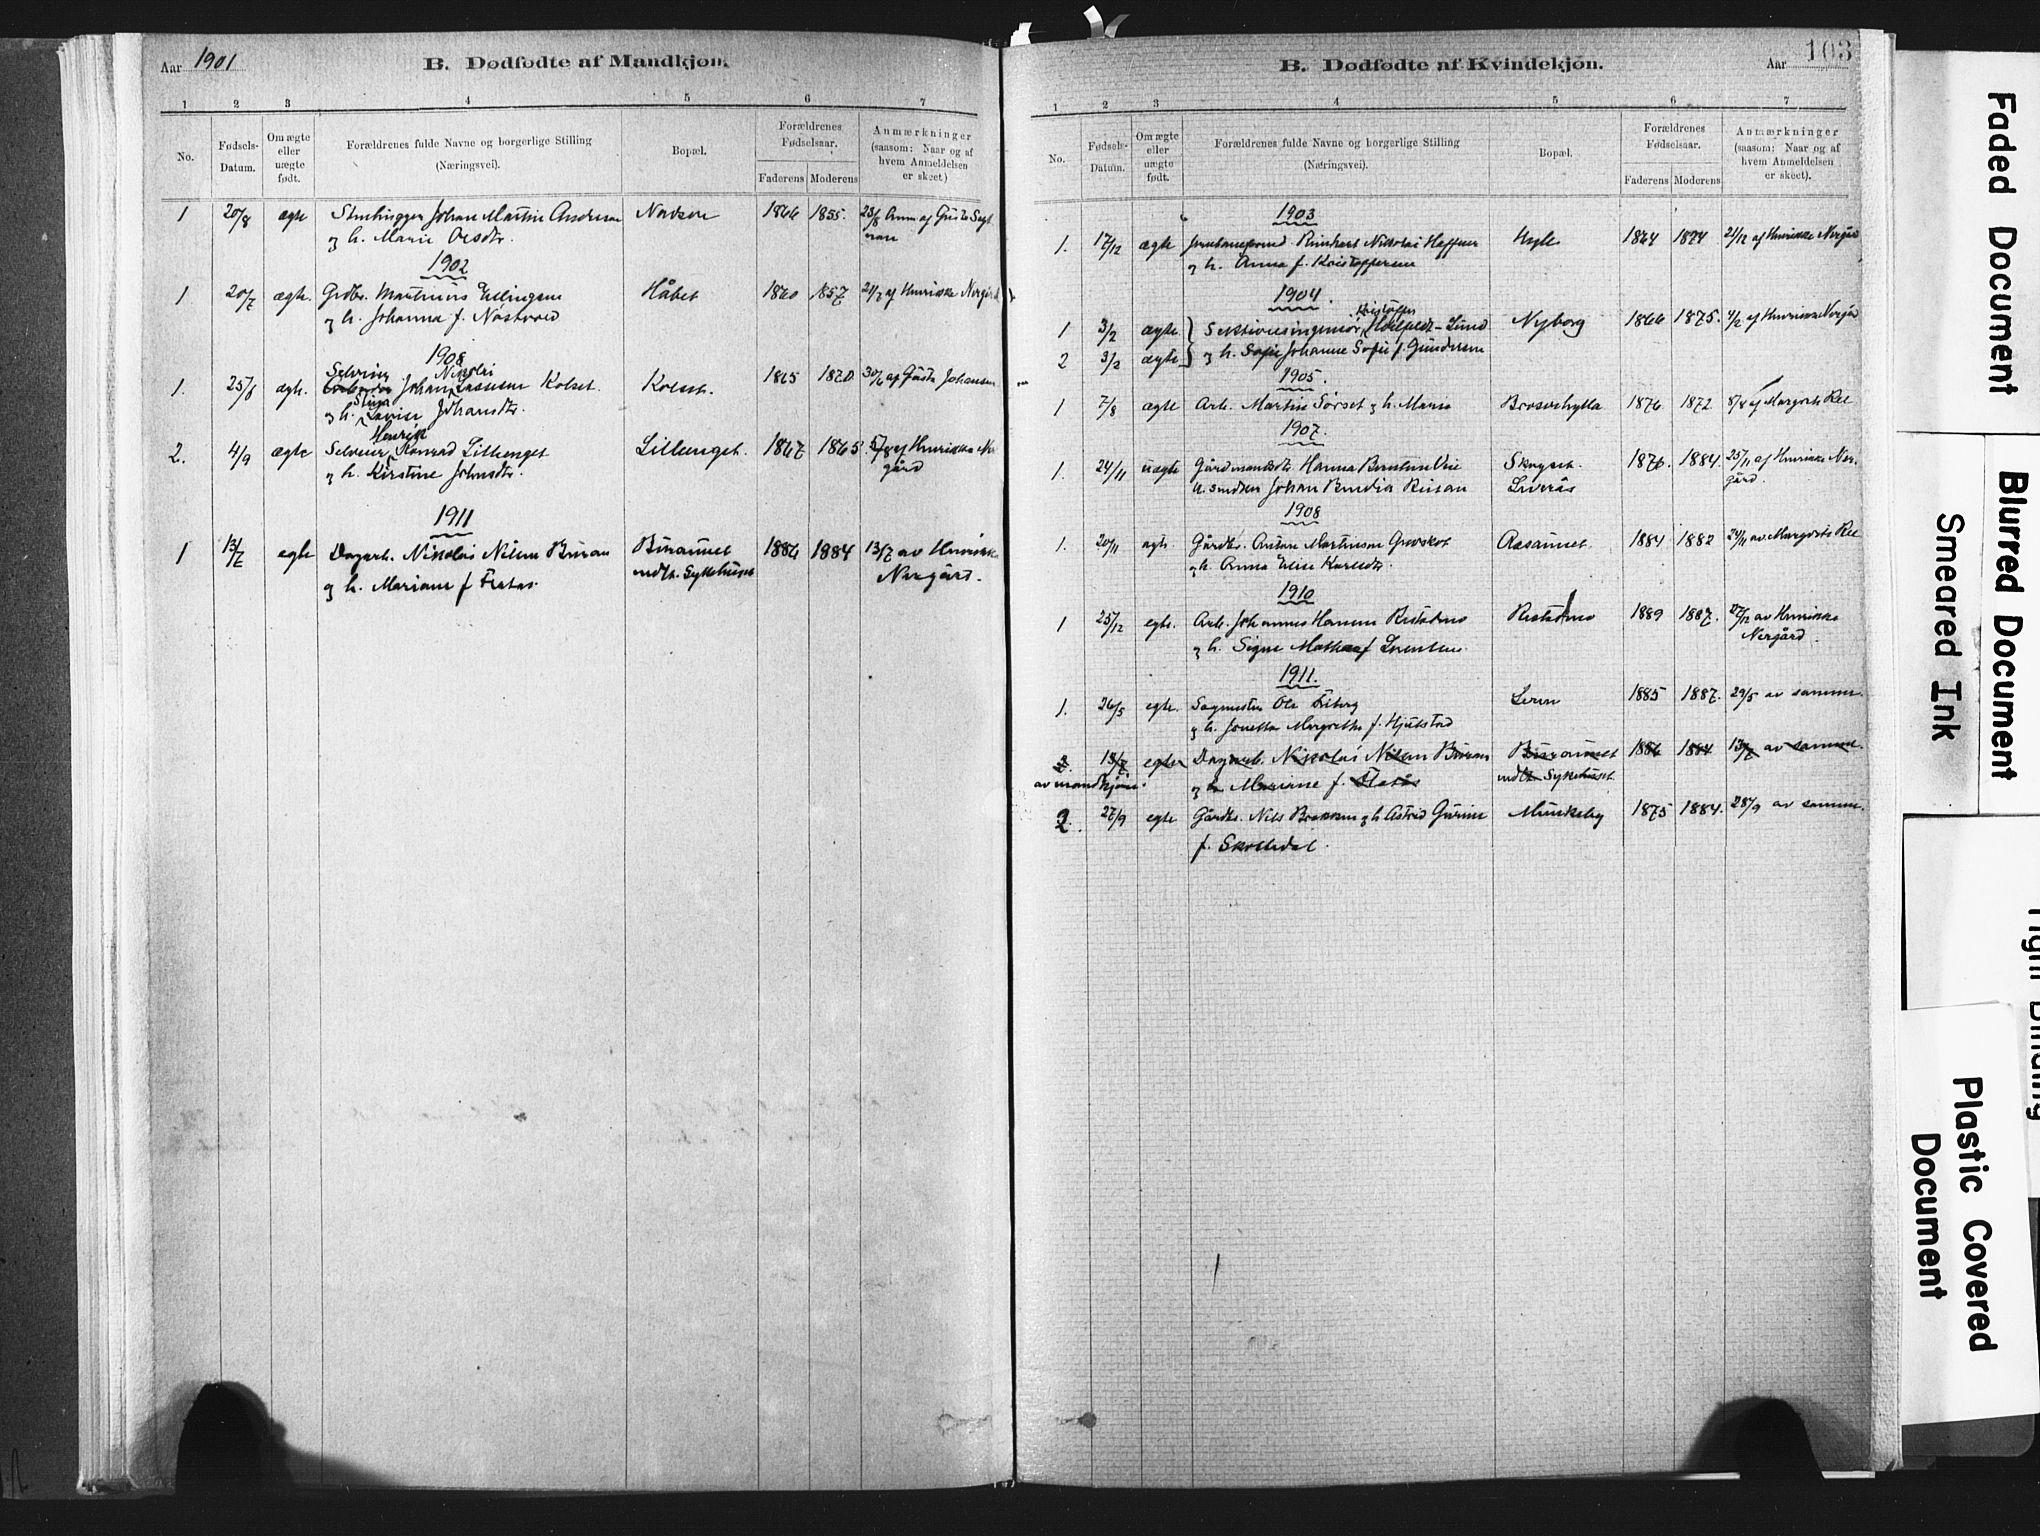 SAT, Ministerialprotokoller, klokkerbøker og fødselsregistre - Nord-Trøndelag, 721/L0207: Parish register (official) no. 721A02, 1880-1911, p. 103